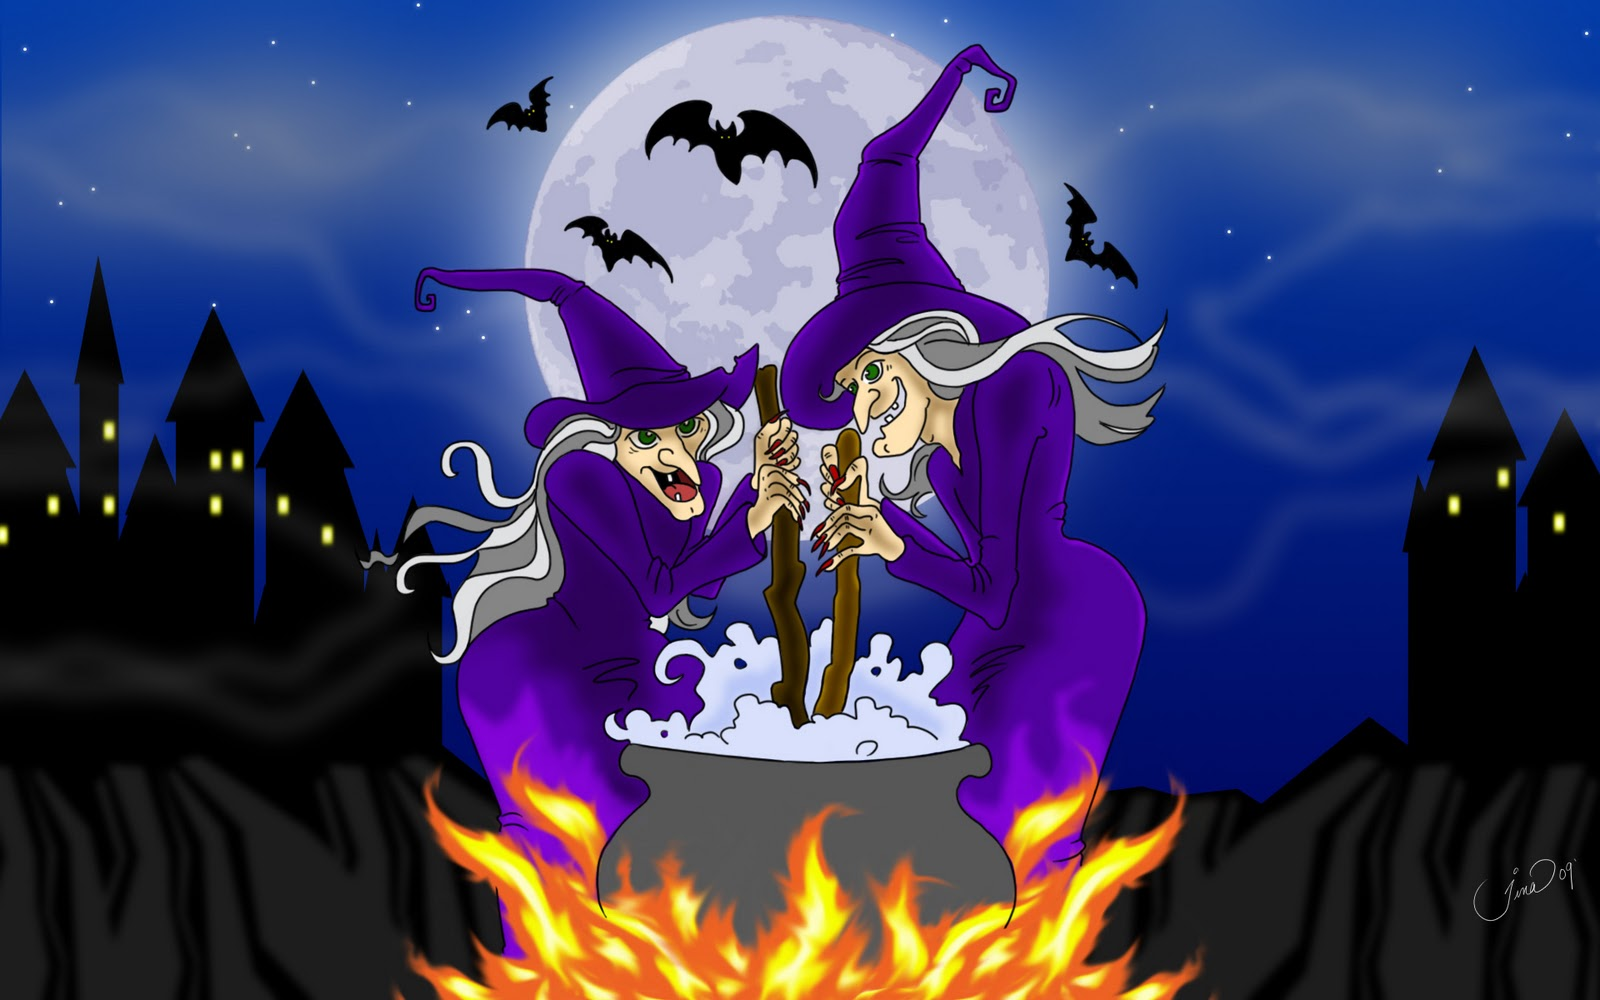 Halloween Wallpaper Screensavers - WallpaperSafari